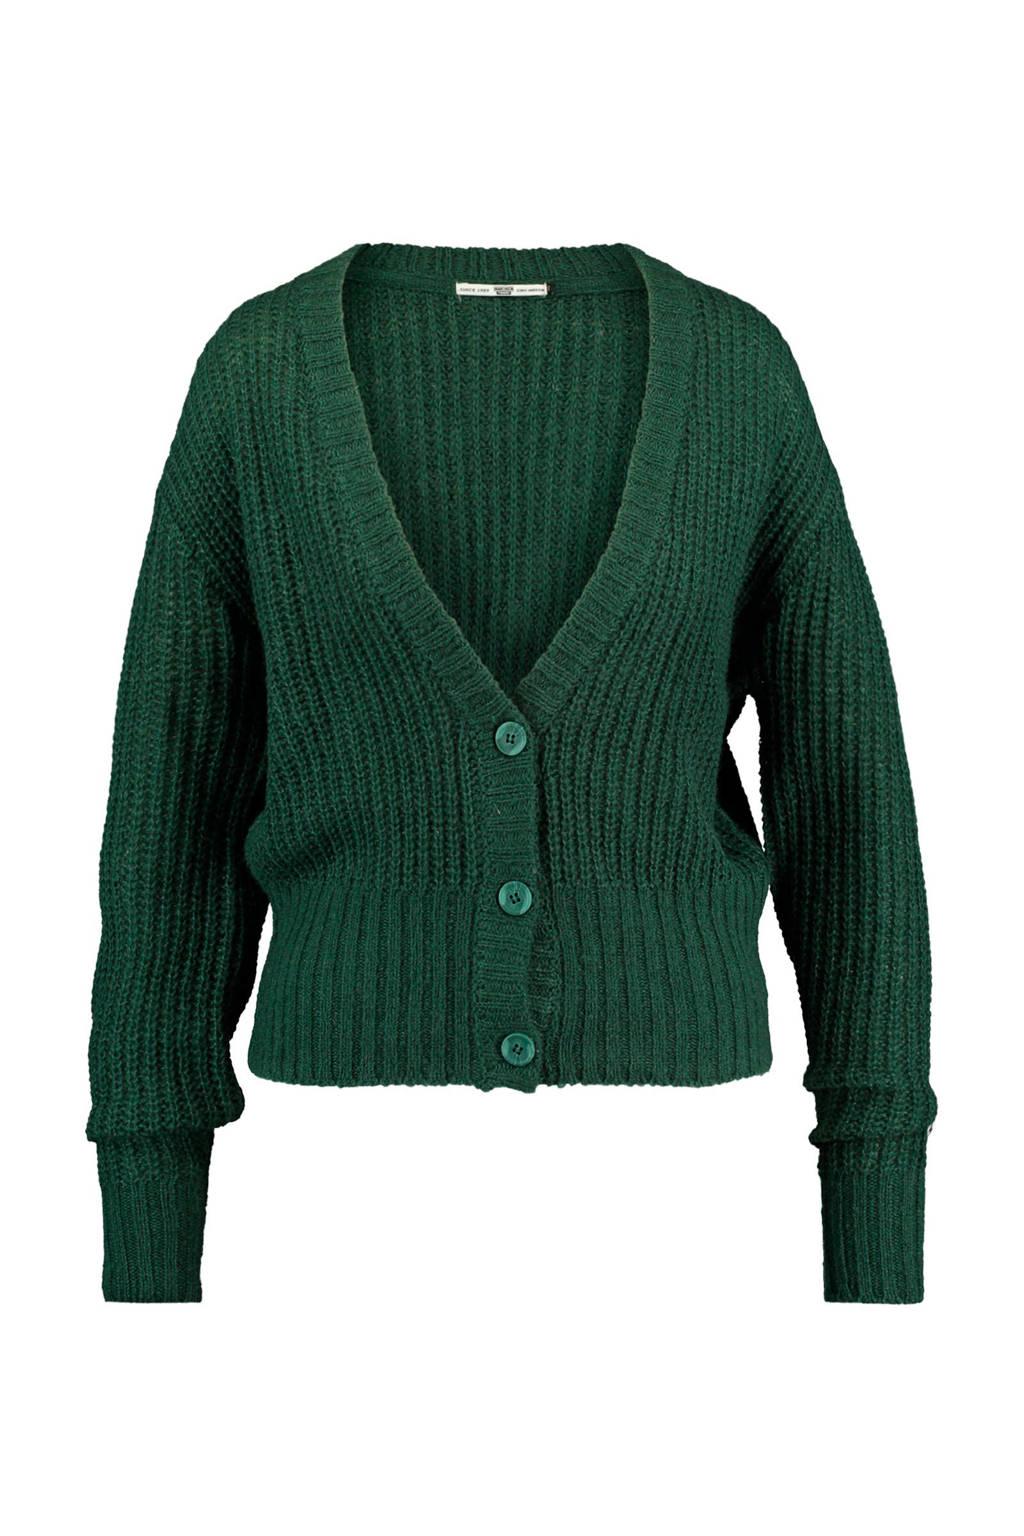 America Today gebreid vest met wol groen, Groen